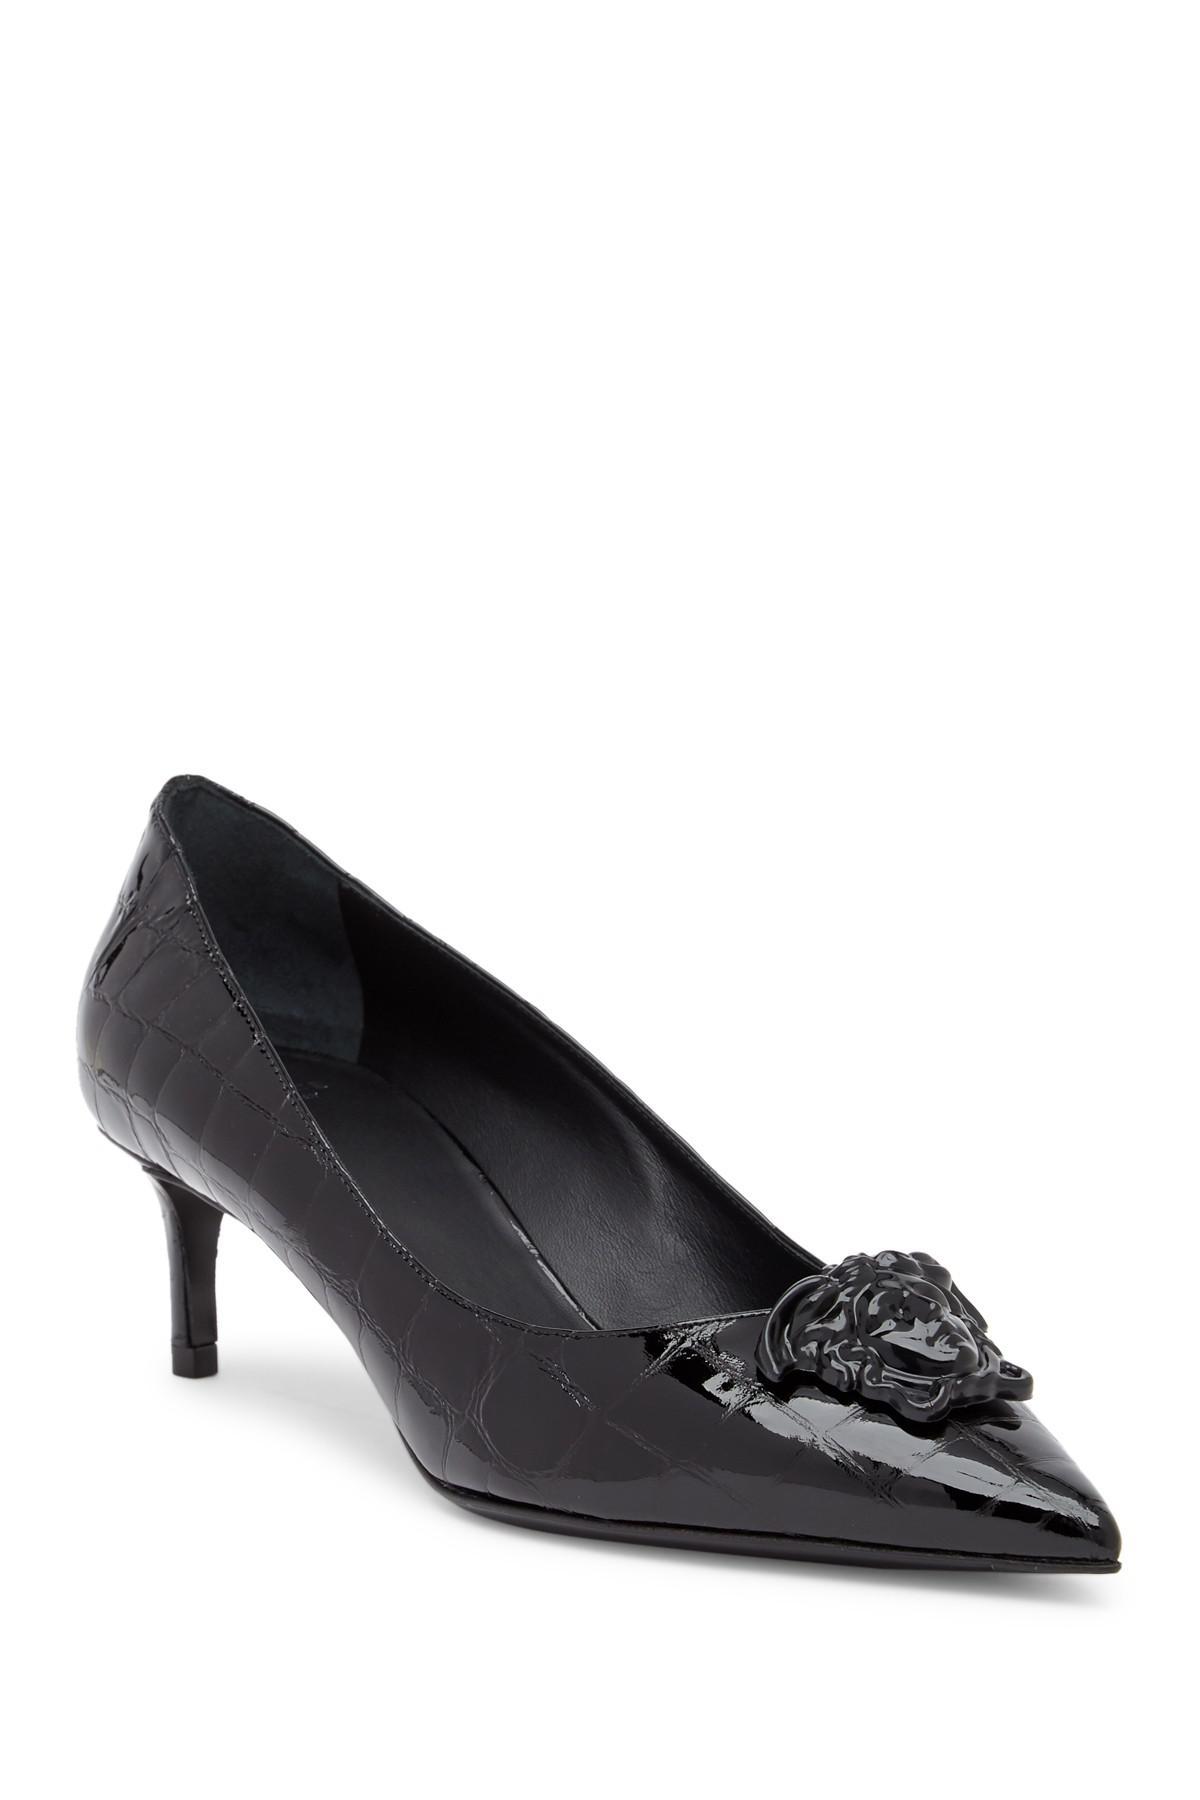 Black Medusa Tribute Kitten Heels Versace 2NiQcT